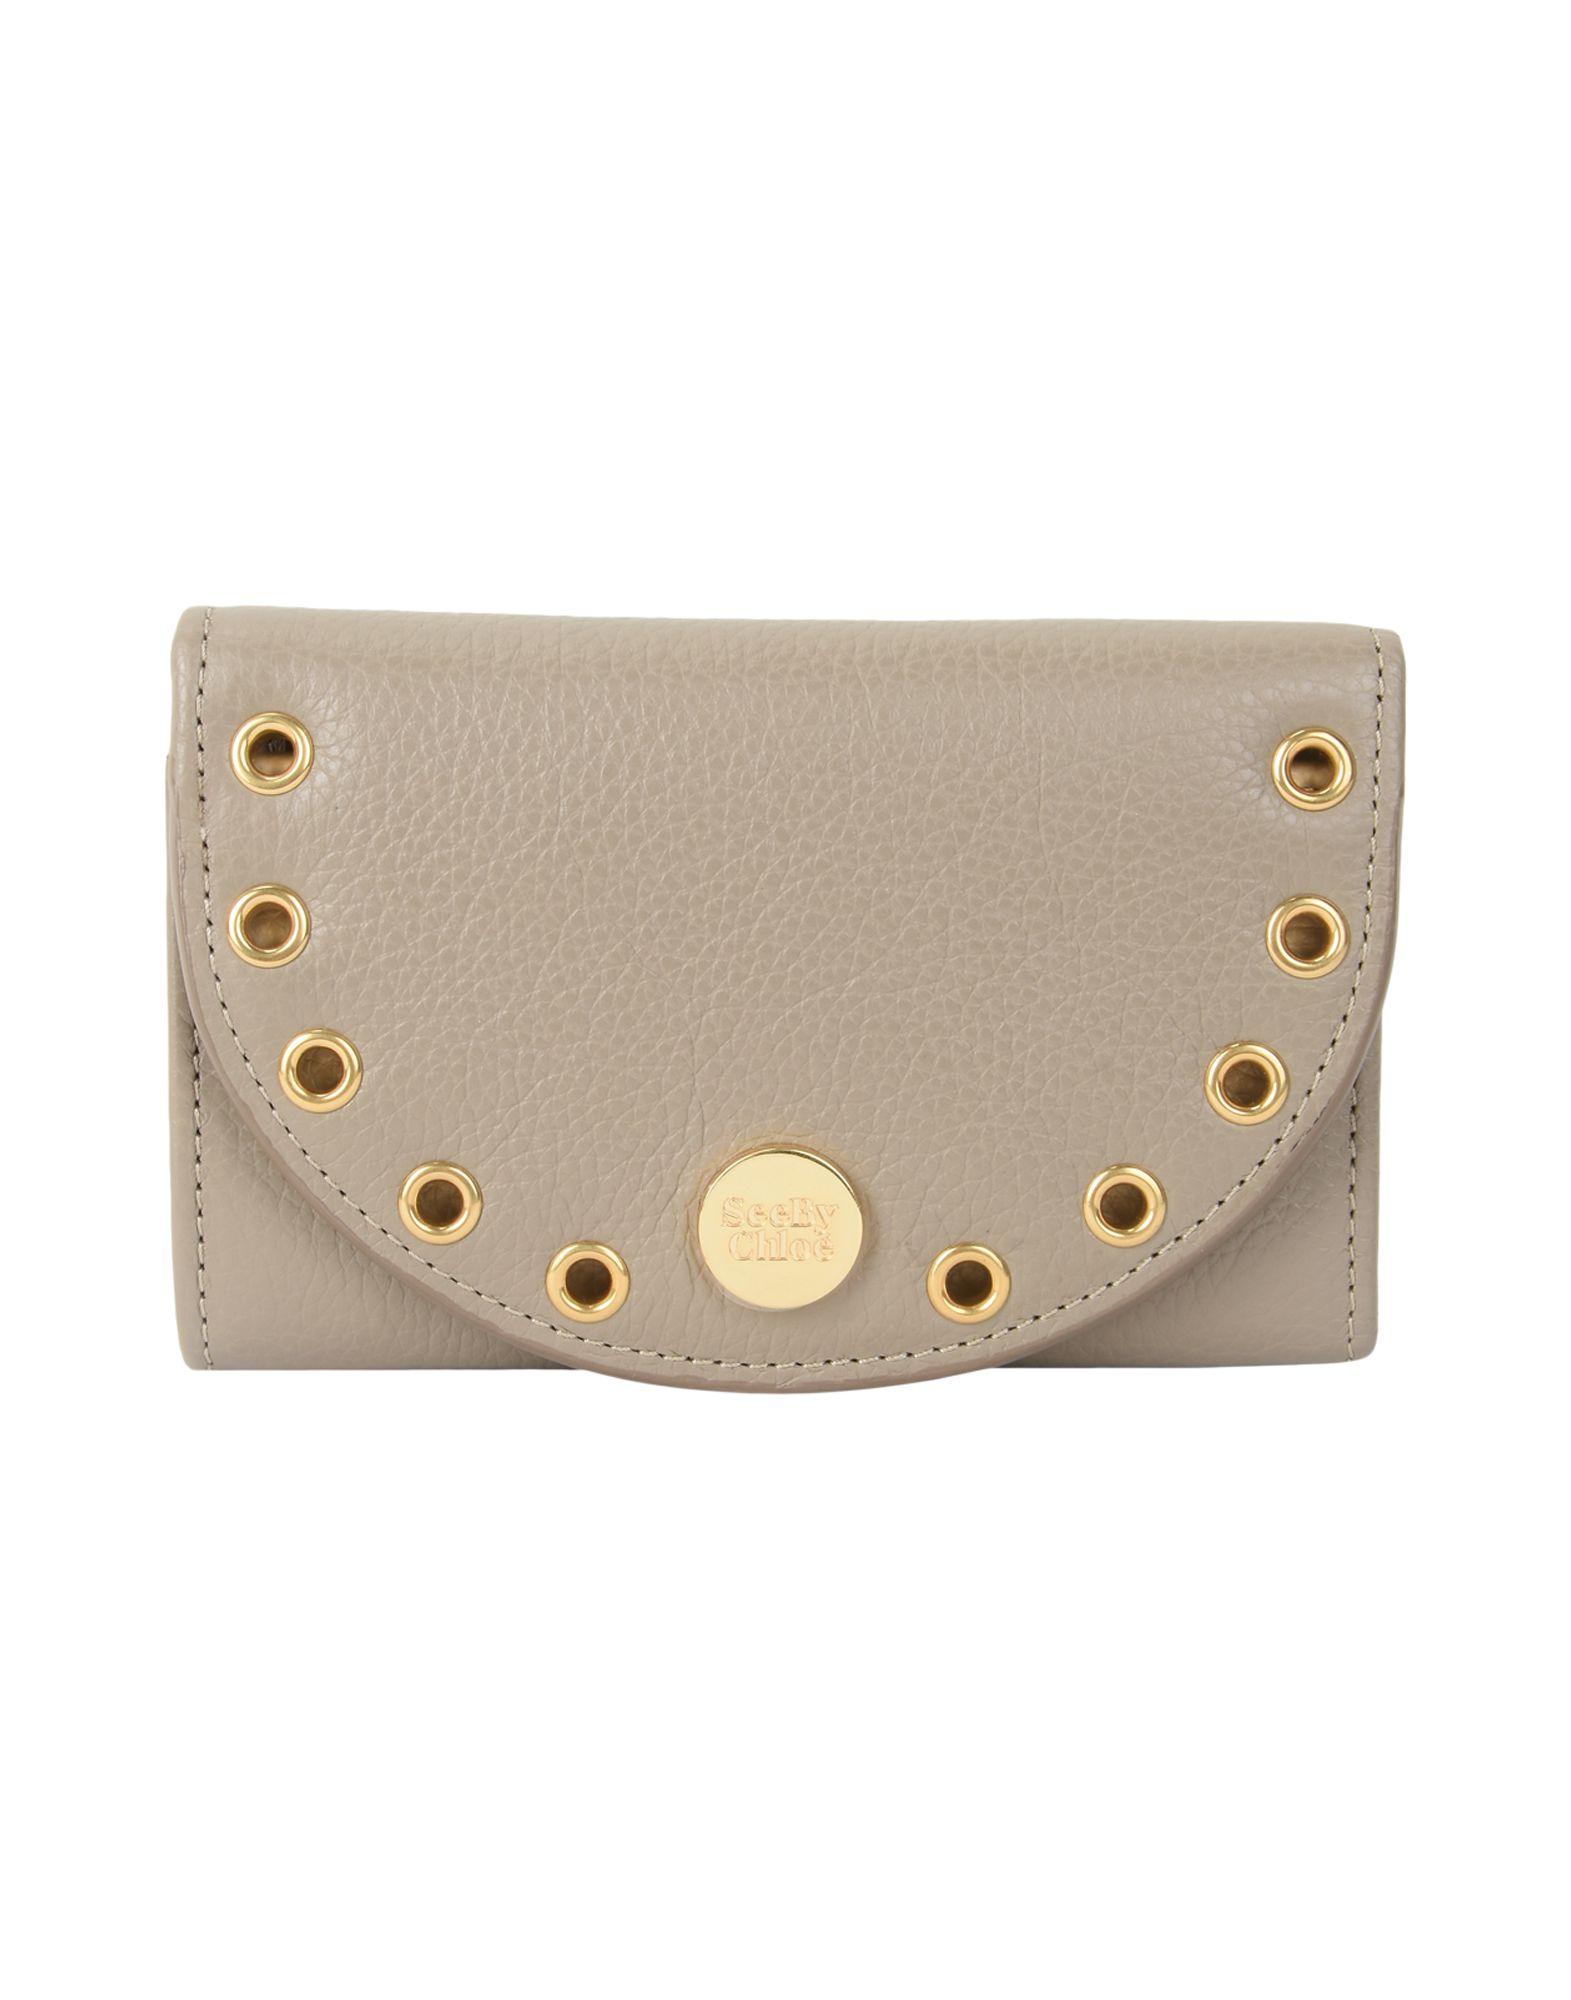 レディース SEE BY CHLO kriss medium wallet 財布  ドーブグレー